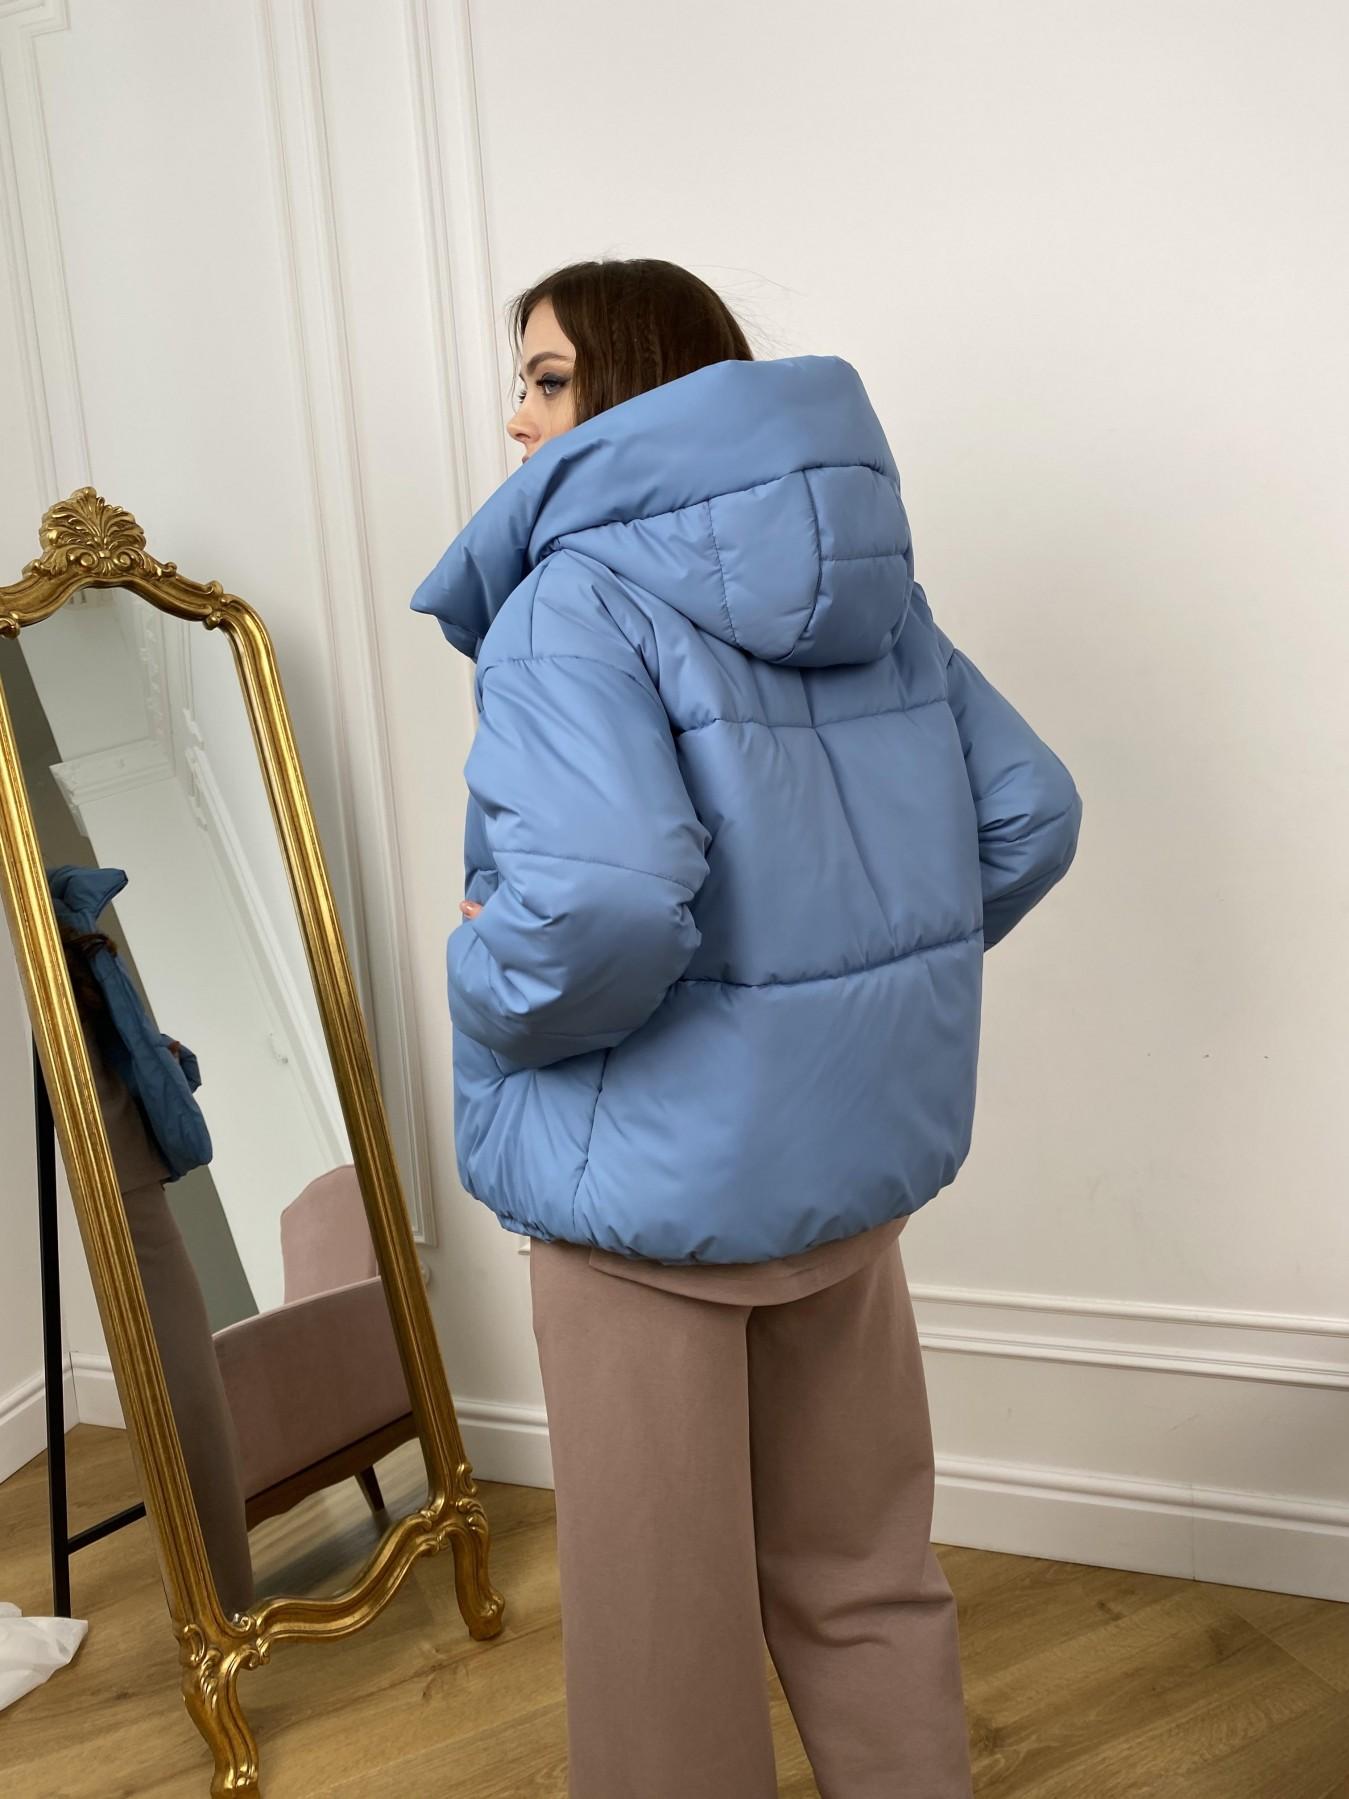 Нокс куртка из плащевой ткани 10535 АРТ. 46971 Цвет: Джинс - фото 4, интернет магазин tm-modus.ru